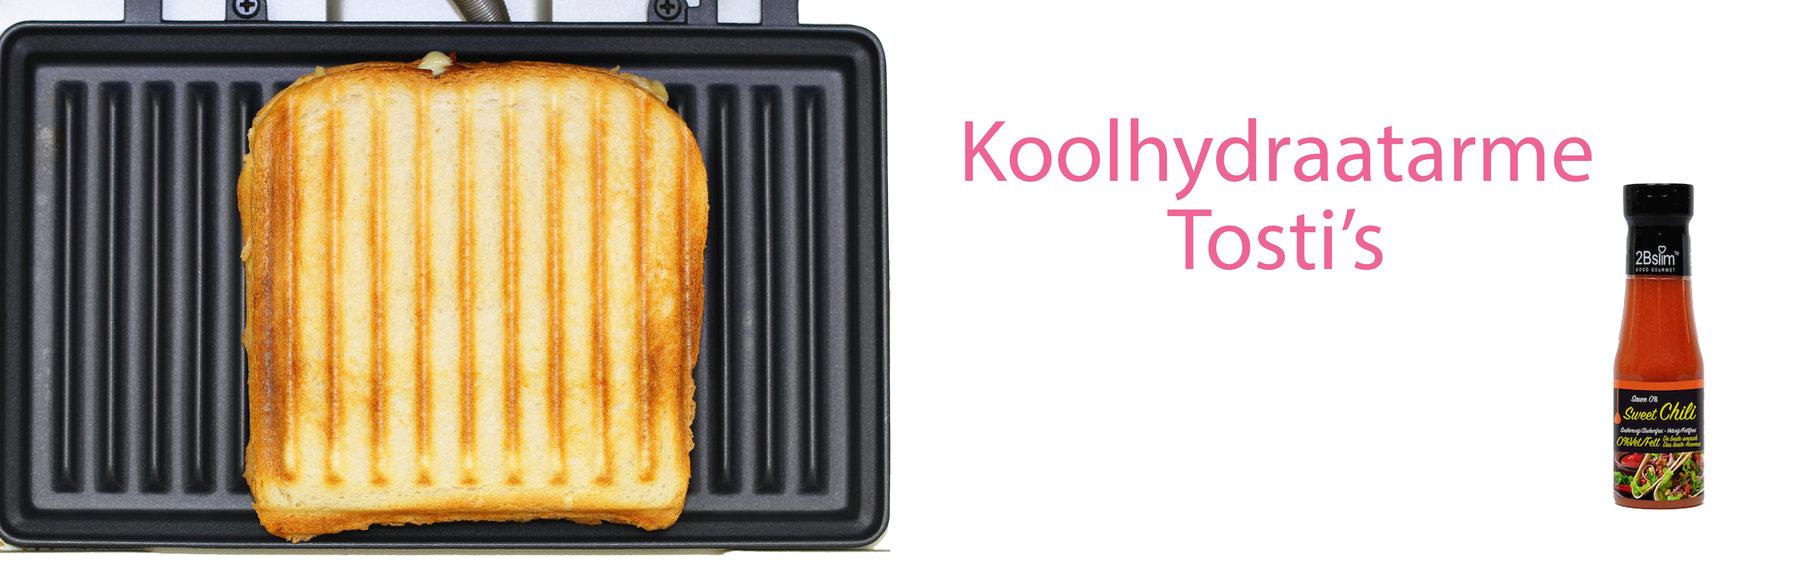 Koolhydraatarme tosti's